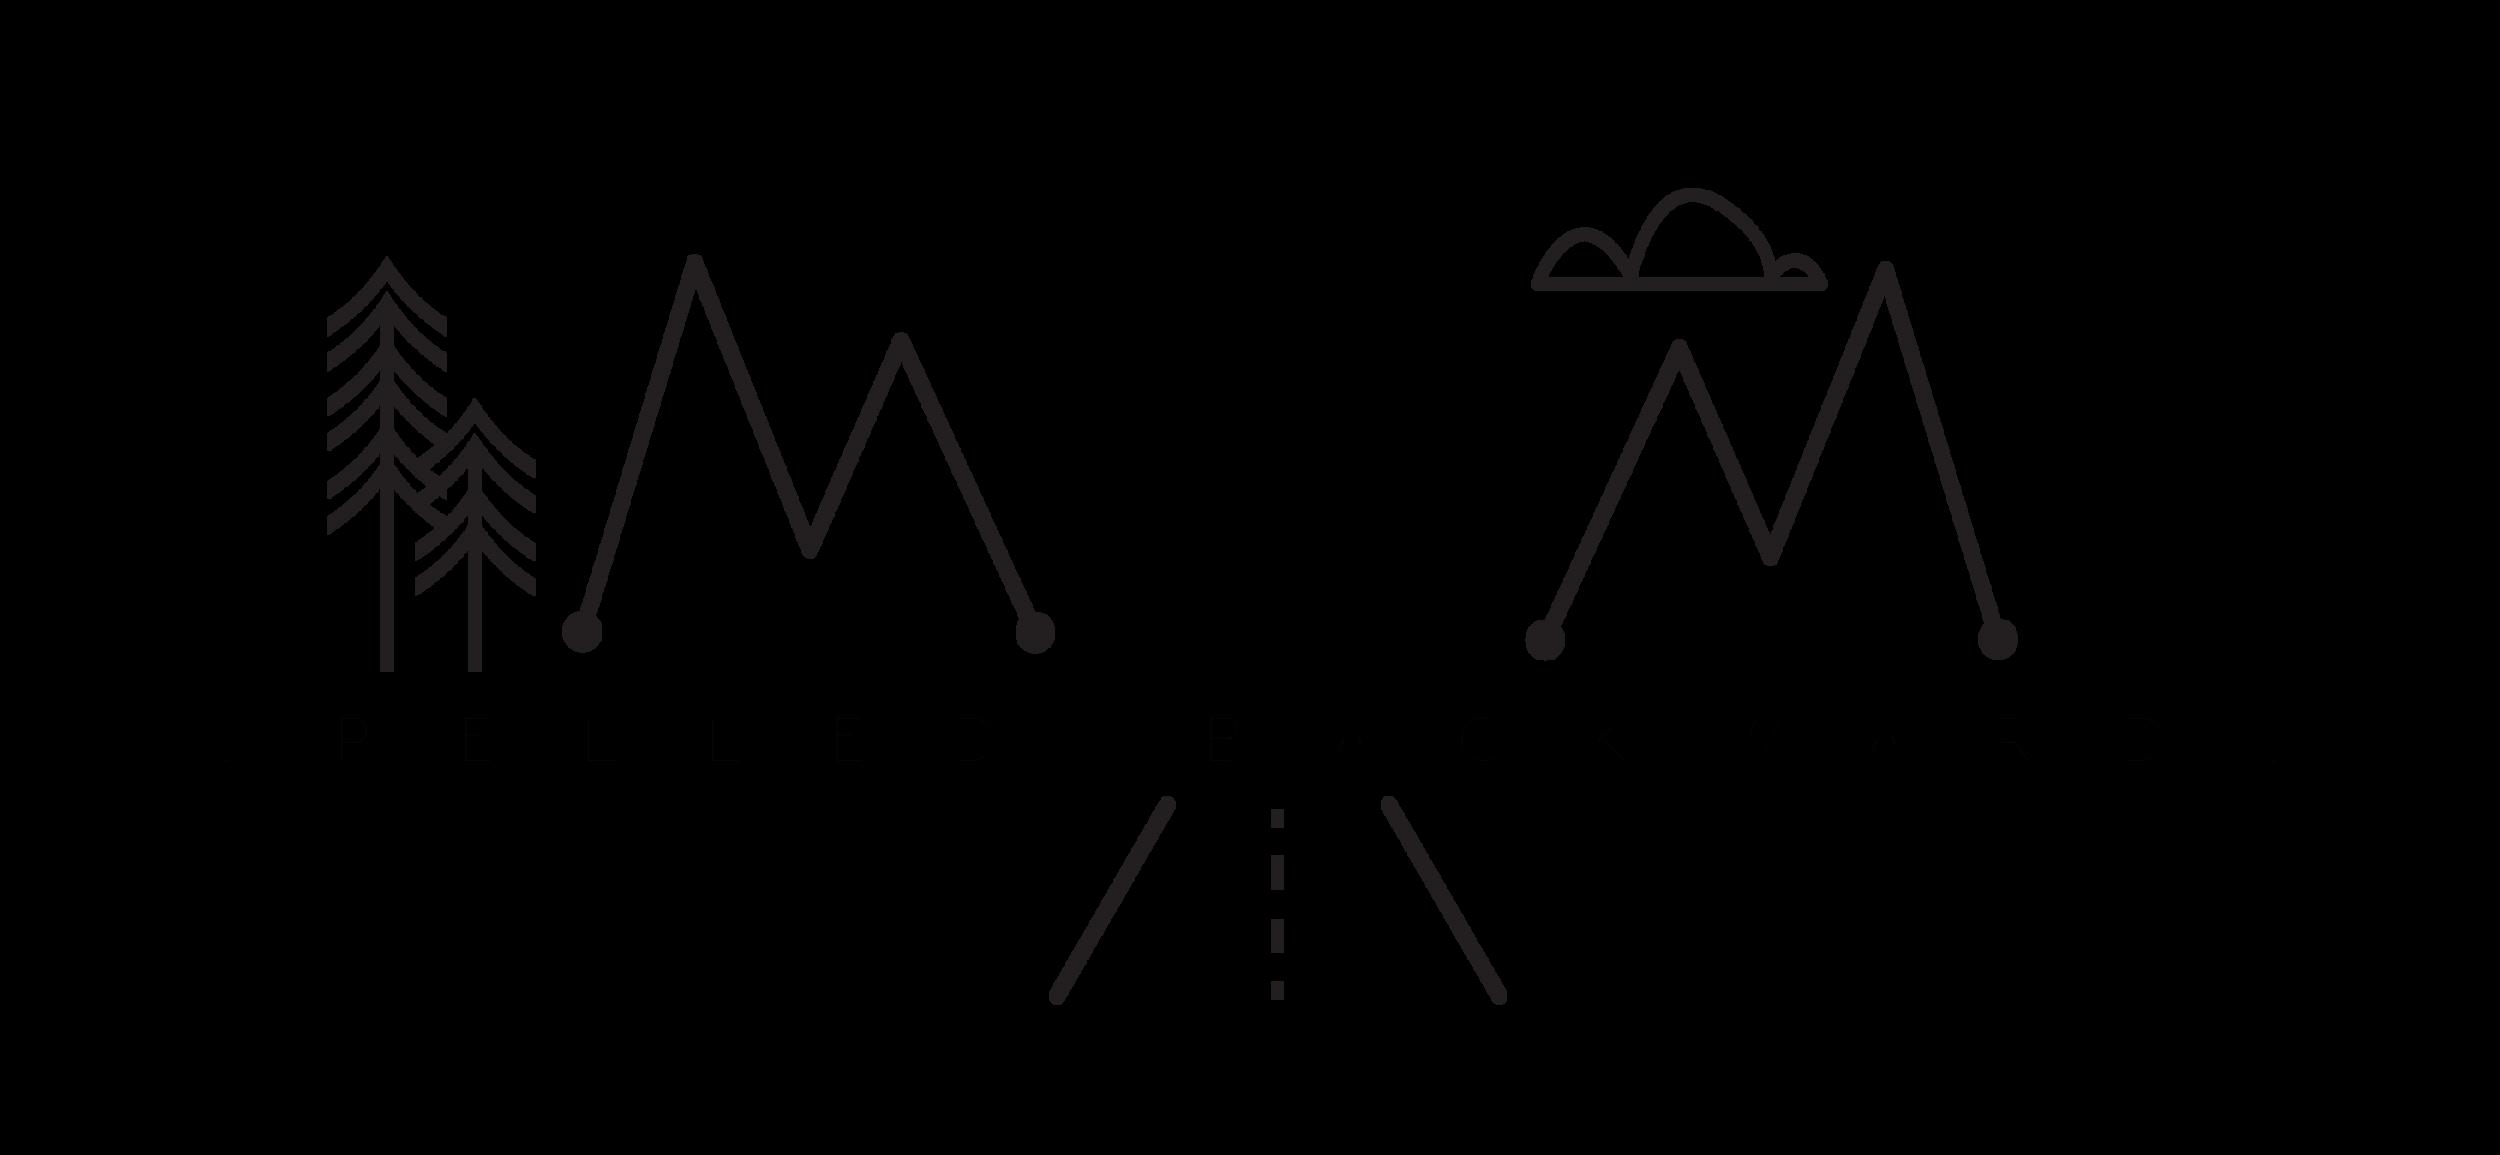 MSB_logodesign_black.png